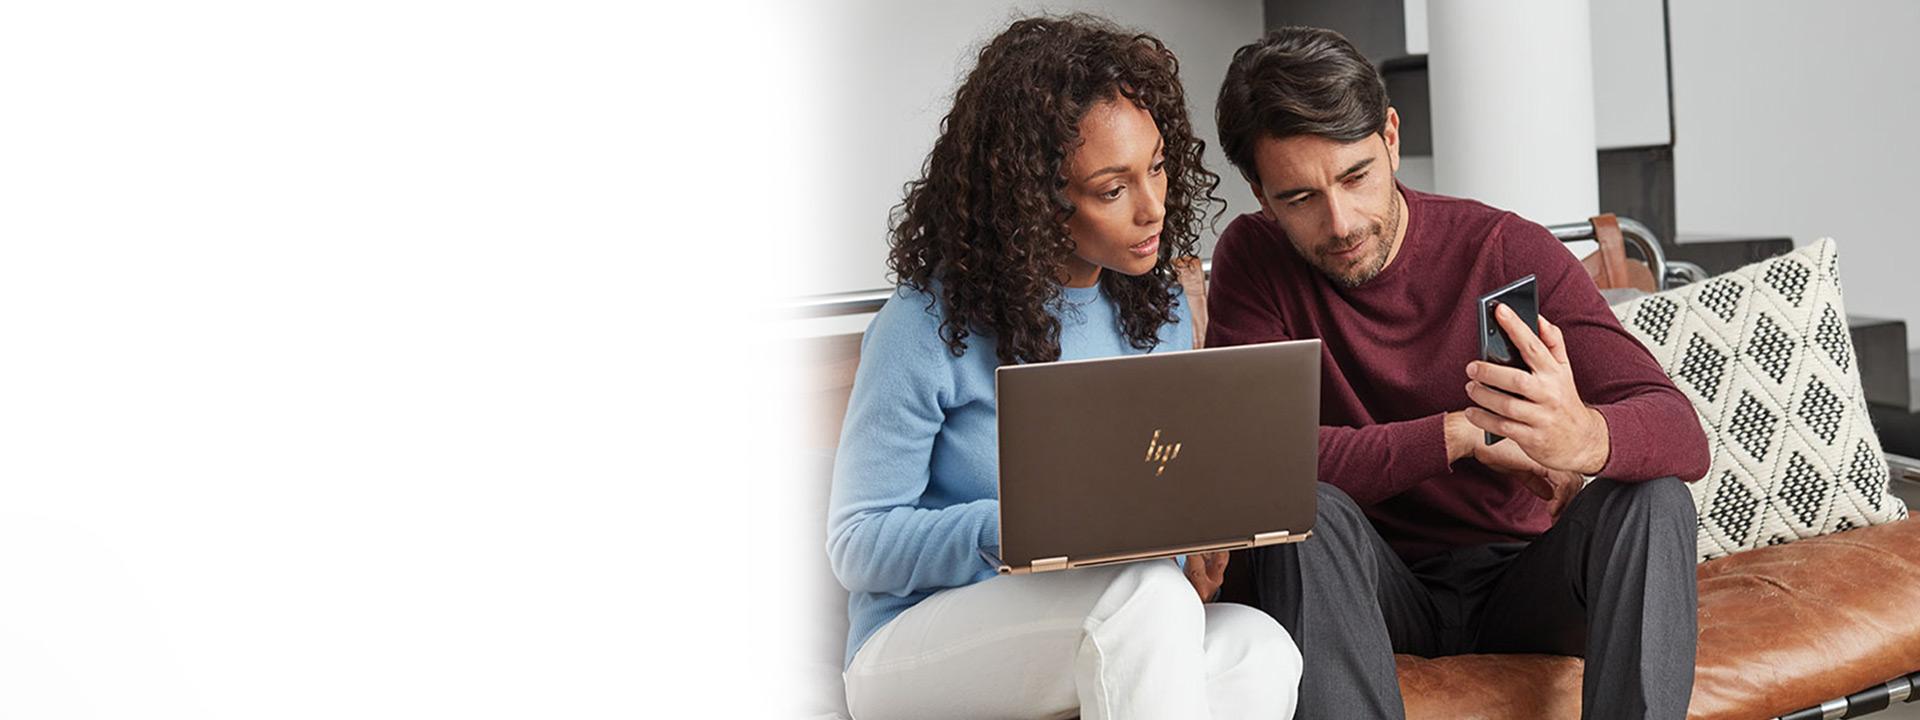 Uma mulher e um homem sentados no sofá olham para um portátil Windows 10 e para um dispositivo móvel em conjunto